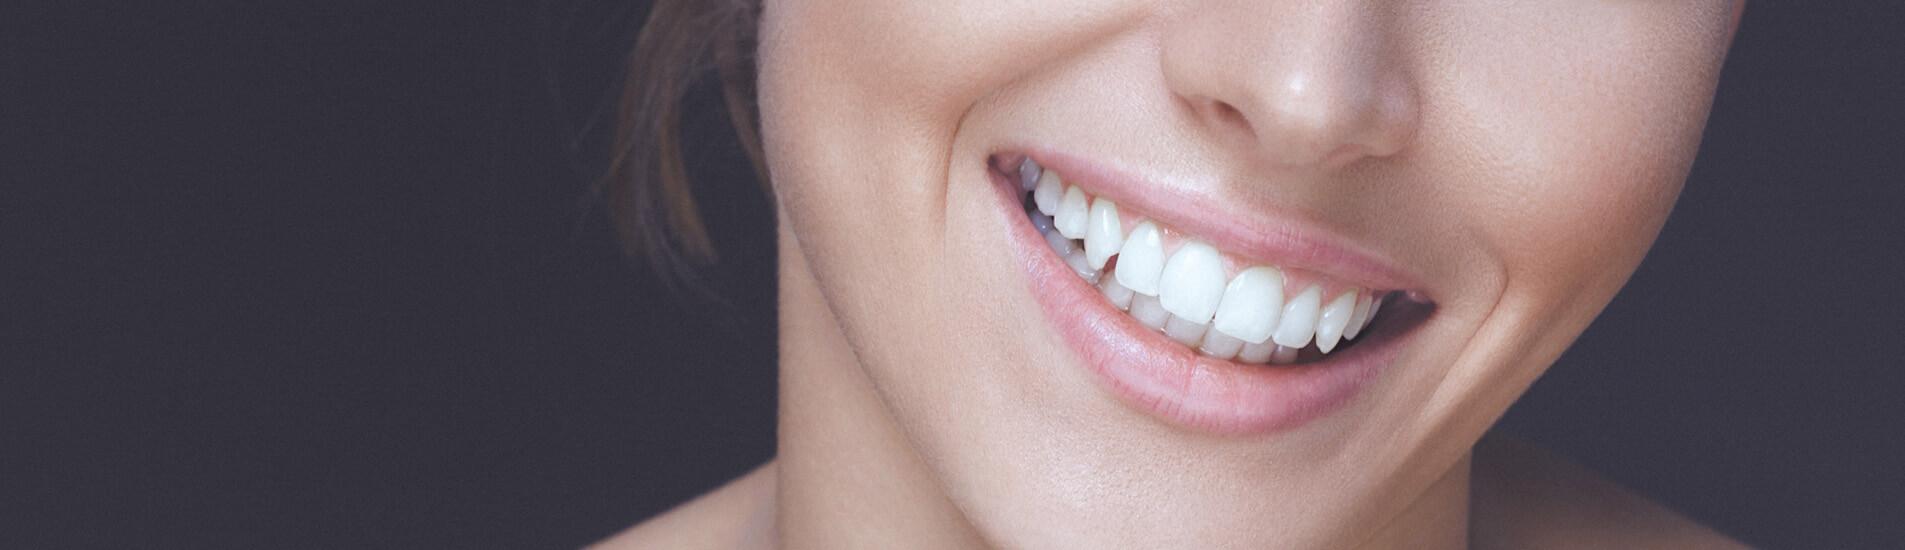 Esthetique dentaire - Dentiste Boulogne Billancourt